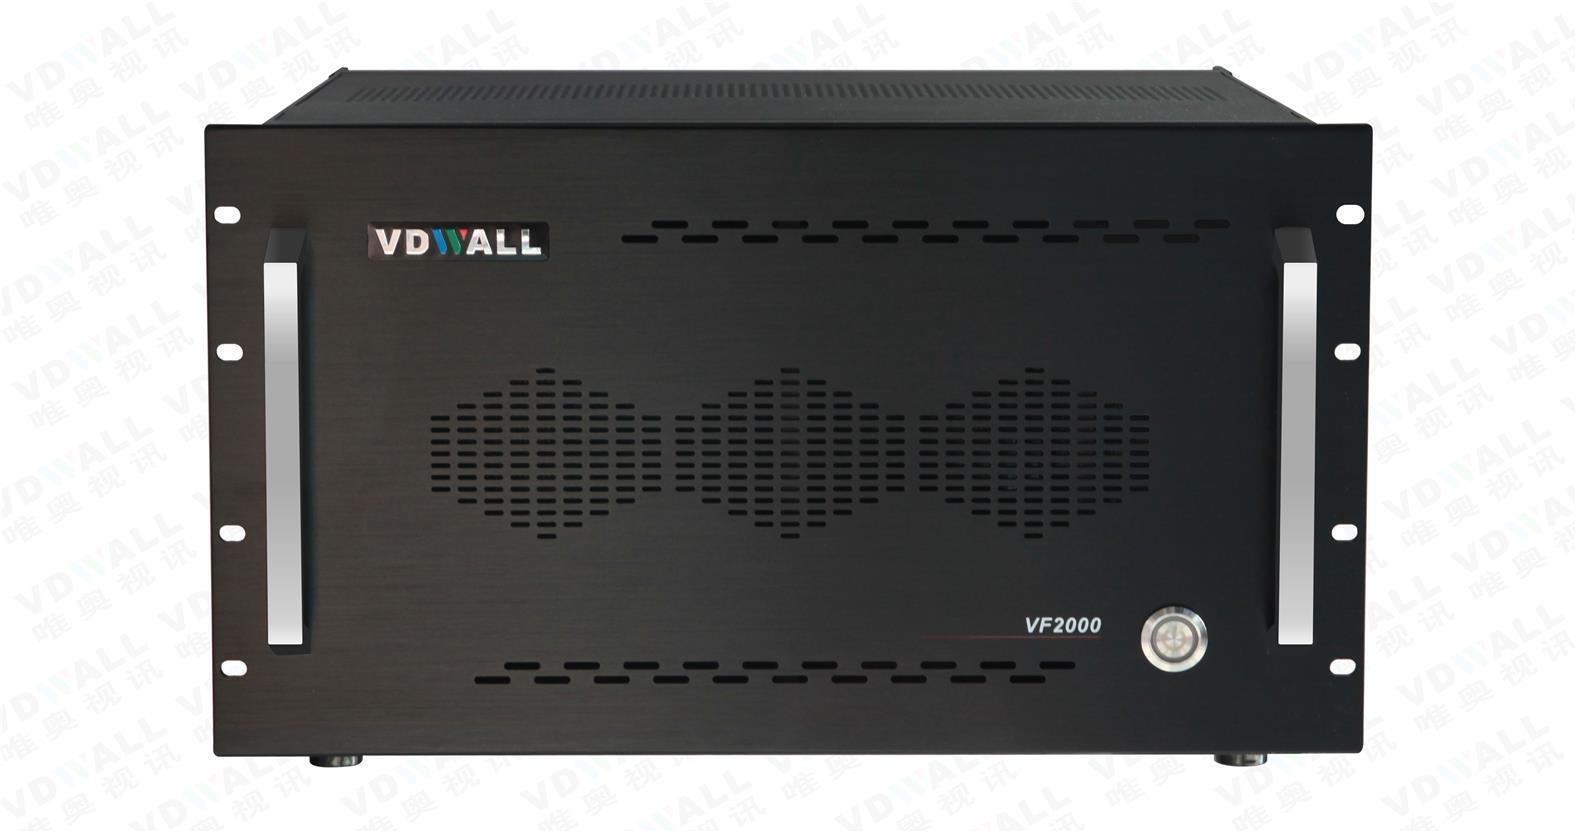 VDWall VF2000 Multi-Window Video Wall Processor